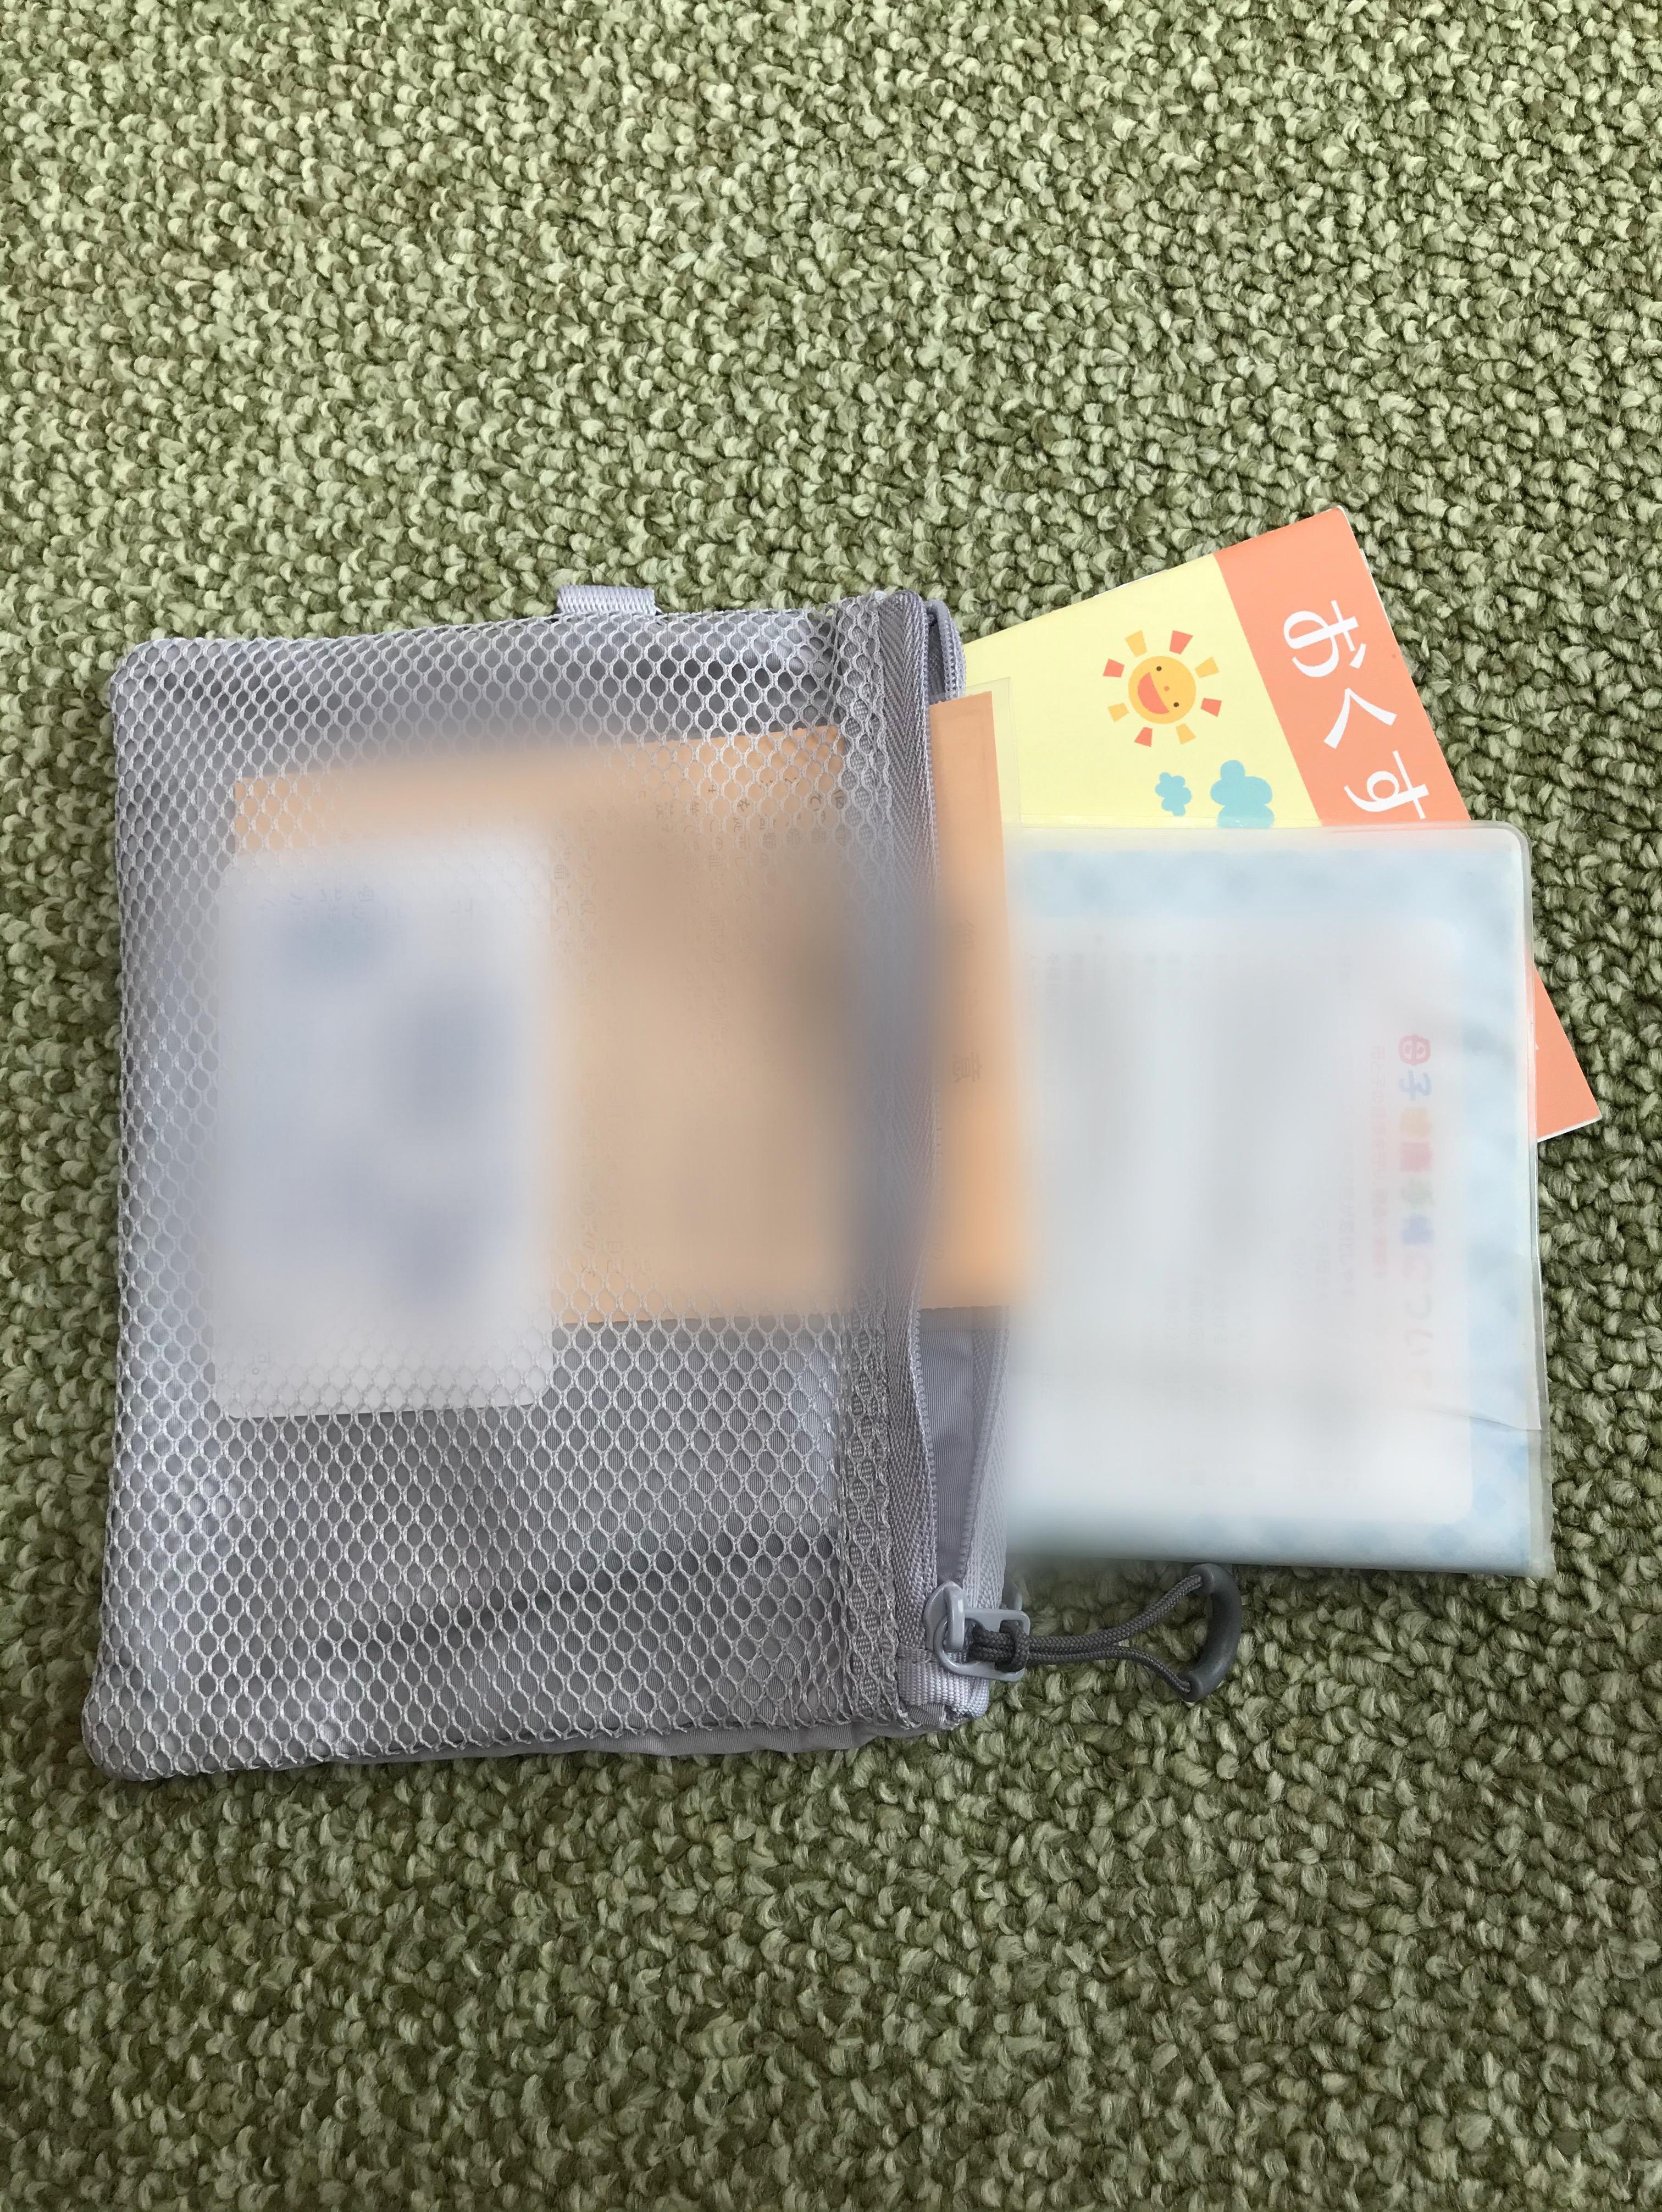 母子手帳ケースの代用に無印良品のダブルファスナーケースがおすすめ!